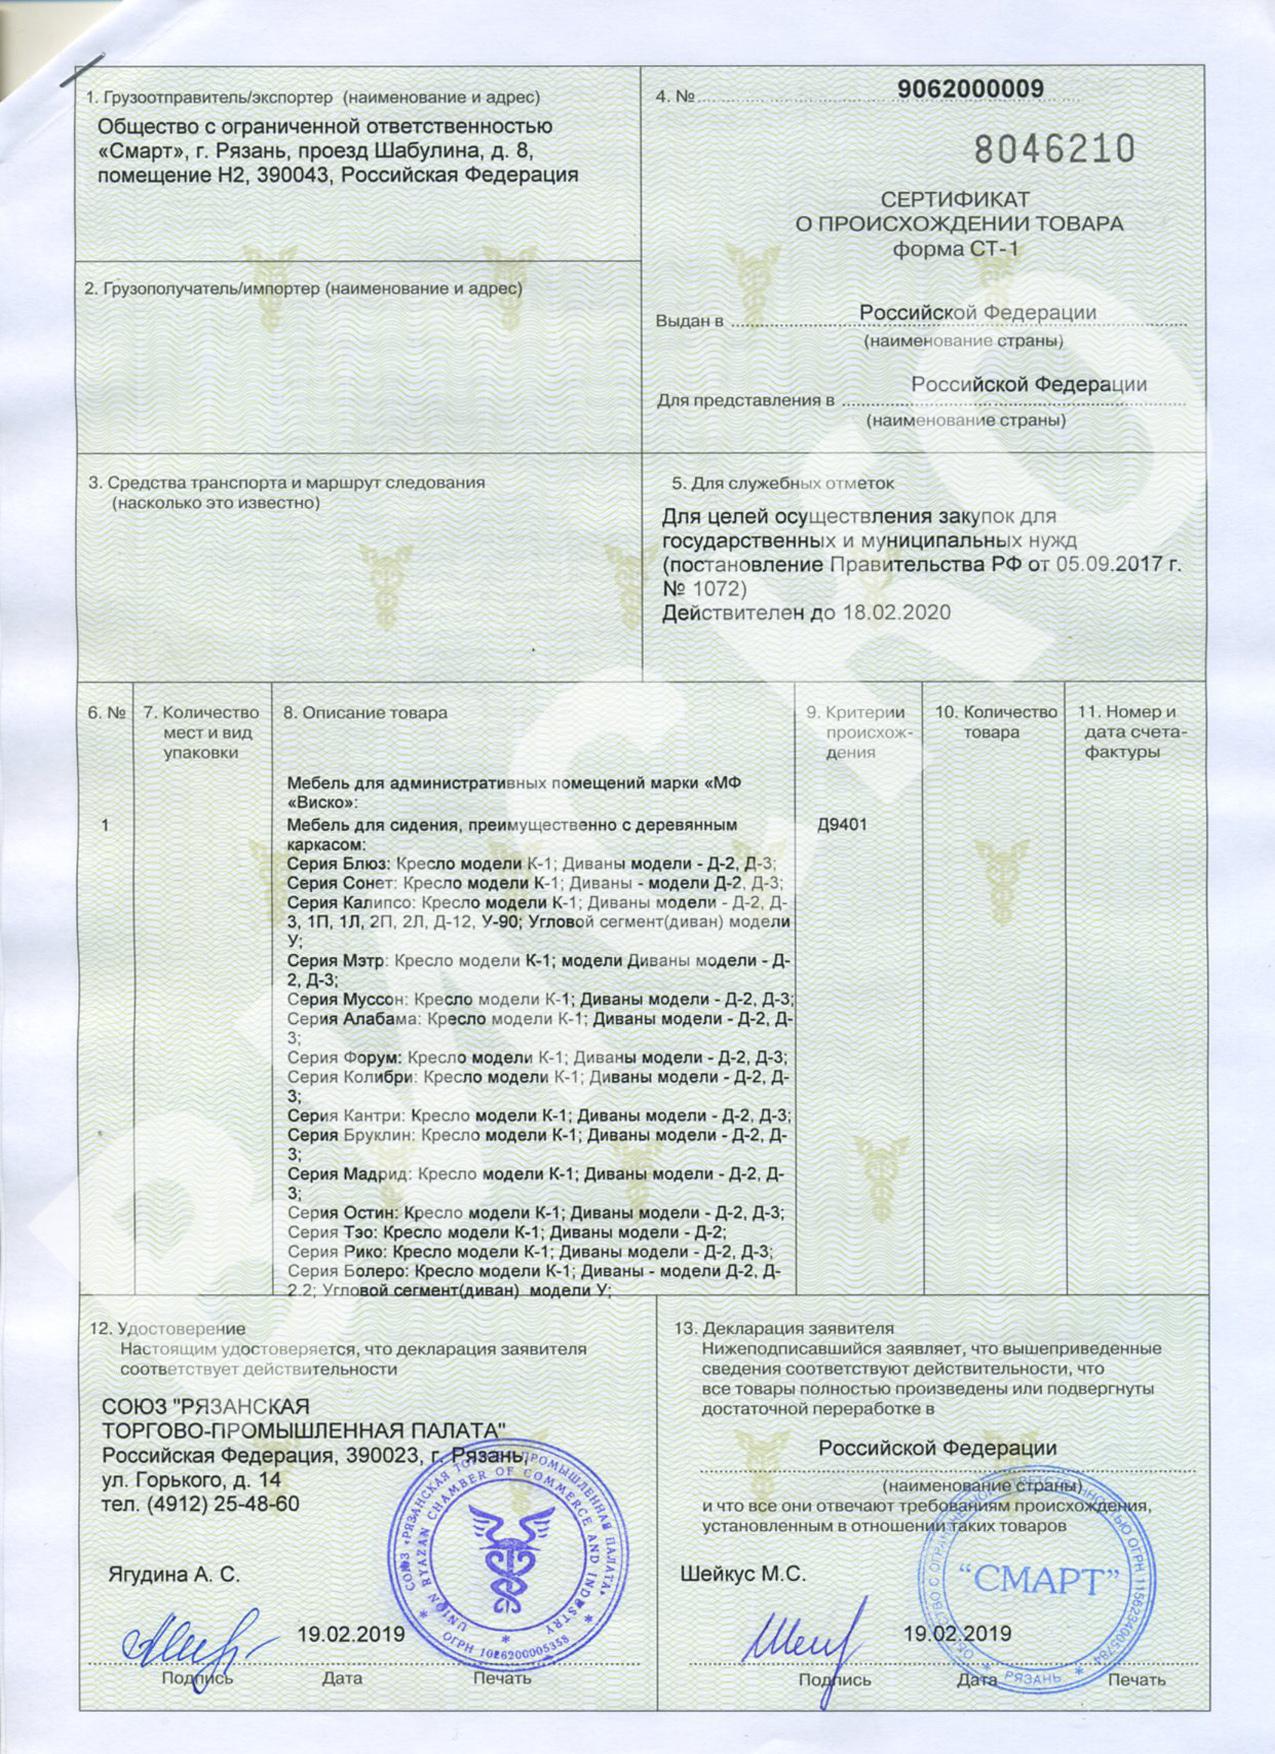 Как выбрать сертификат ст-1: выводы суда